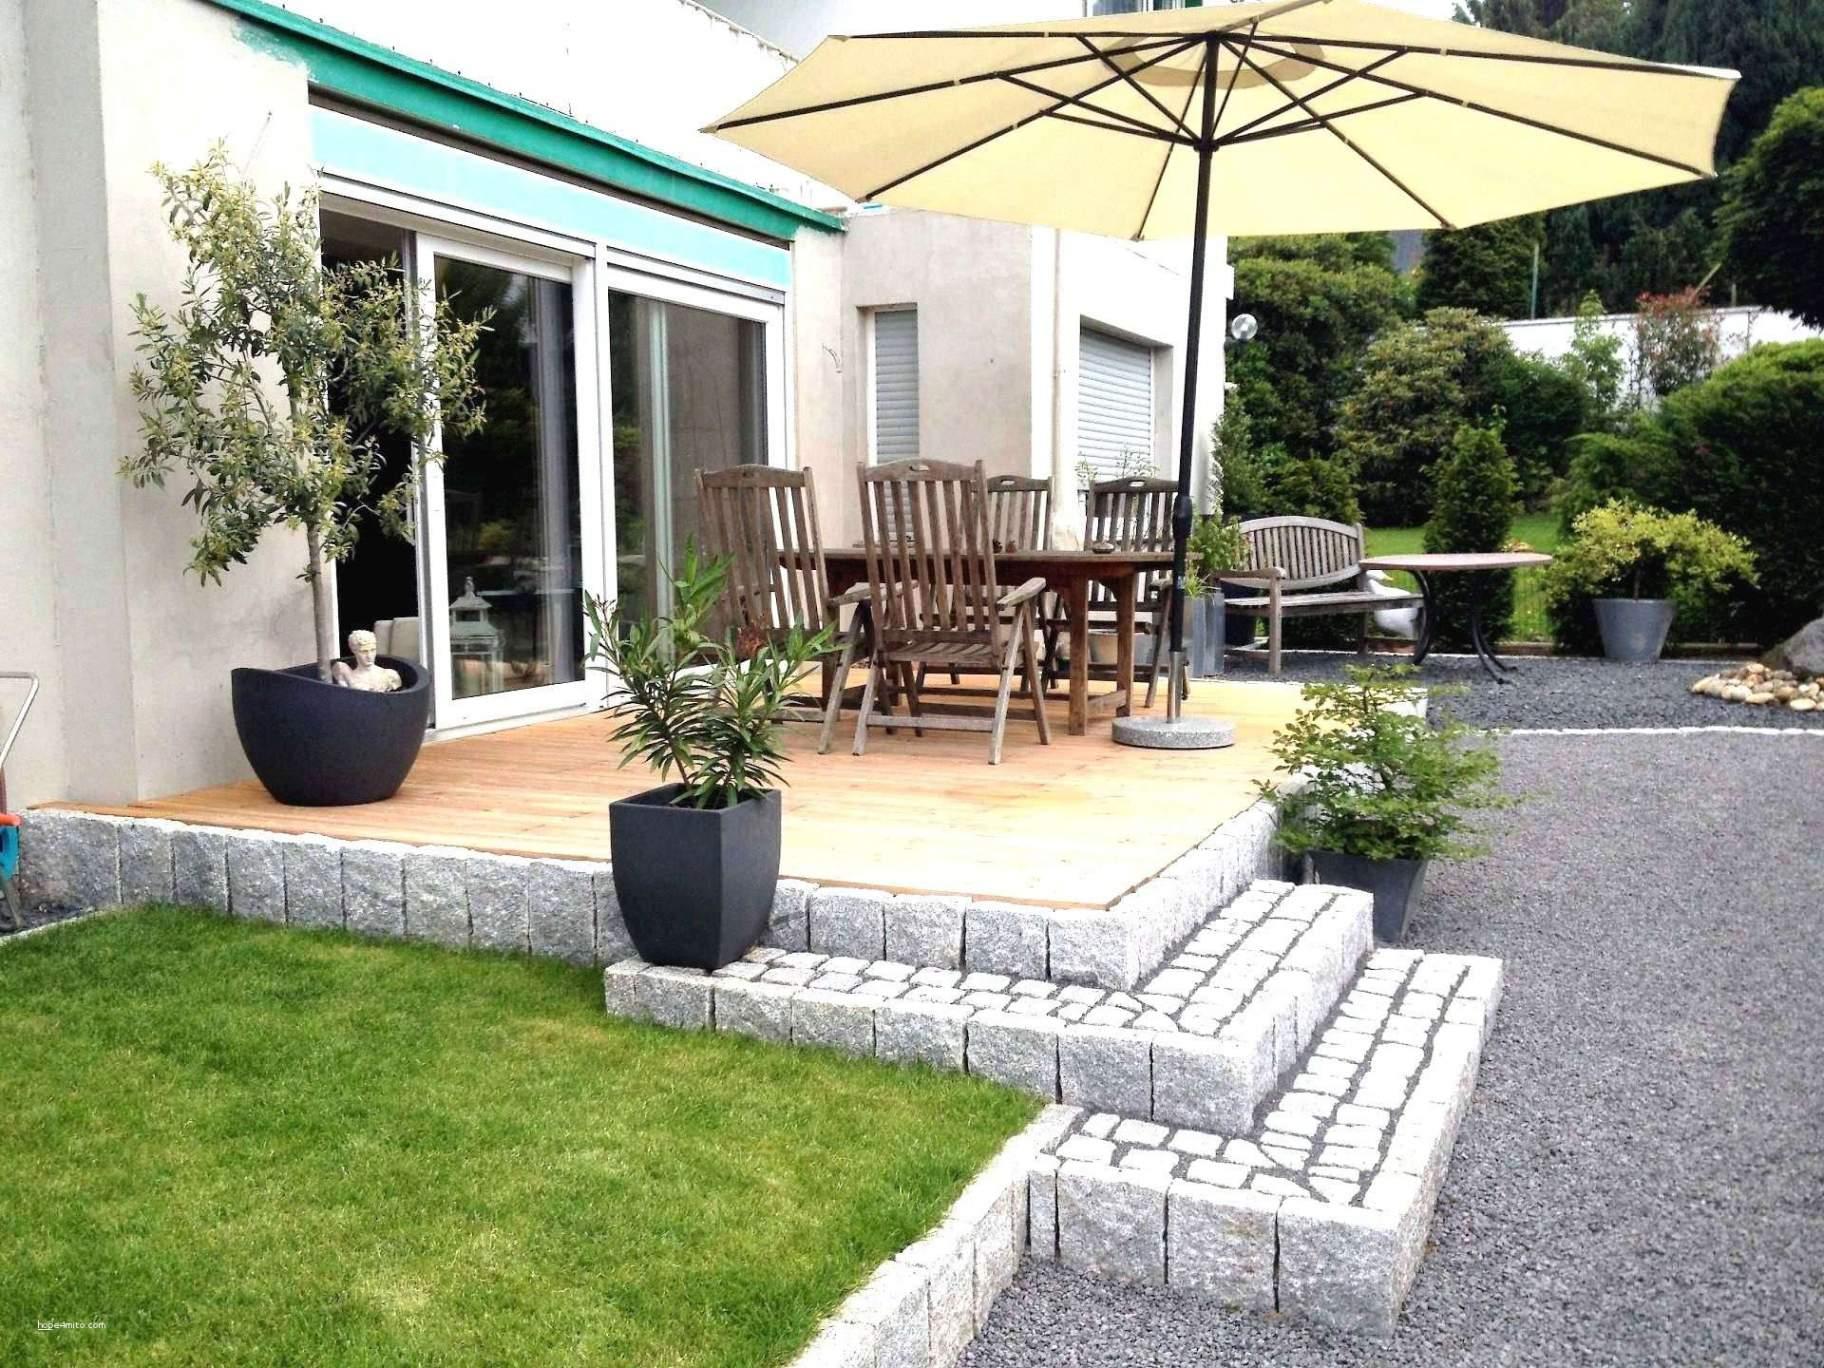 Holz Ideen Garten Best Of 32 Einzigartig Garten Terrassen Ideen Das Beste Von